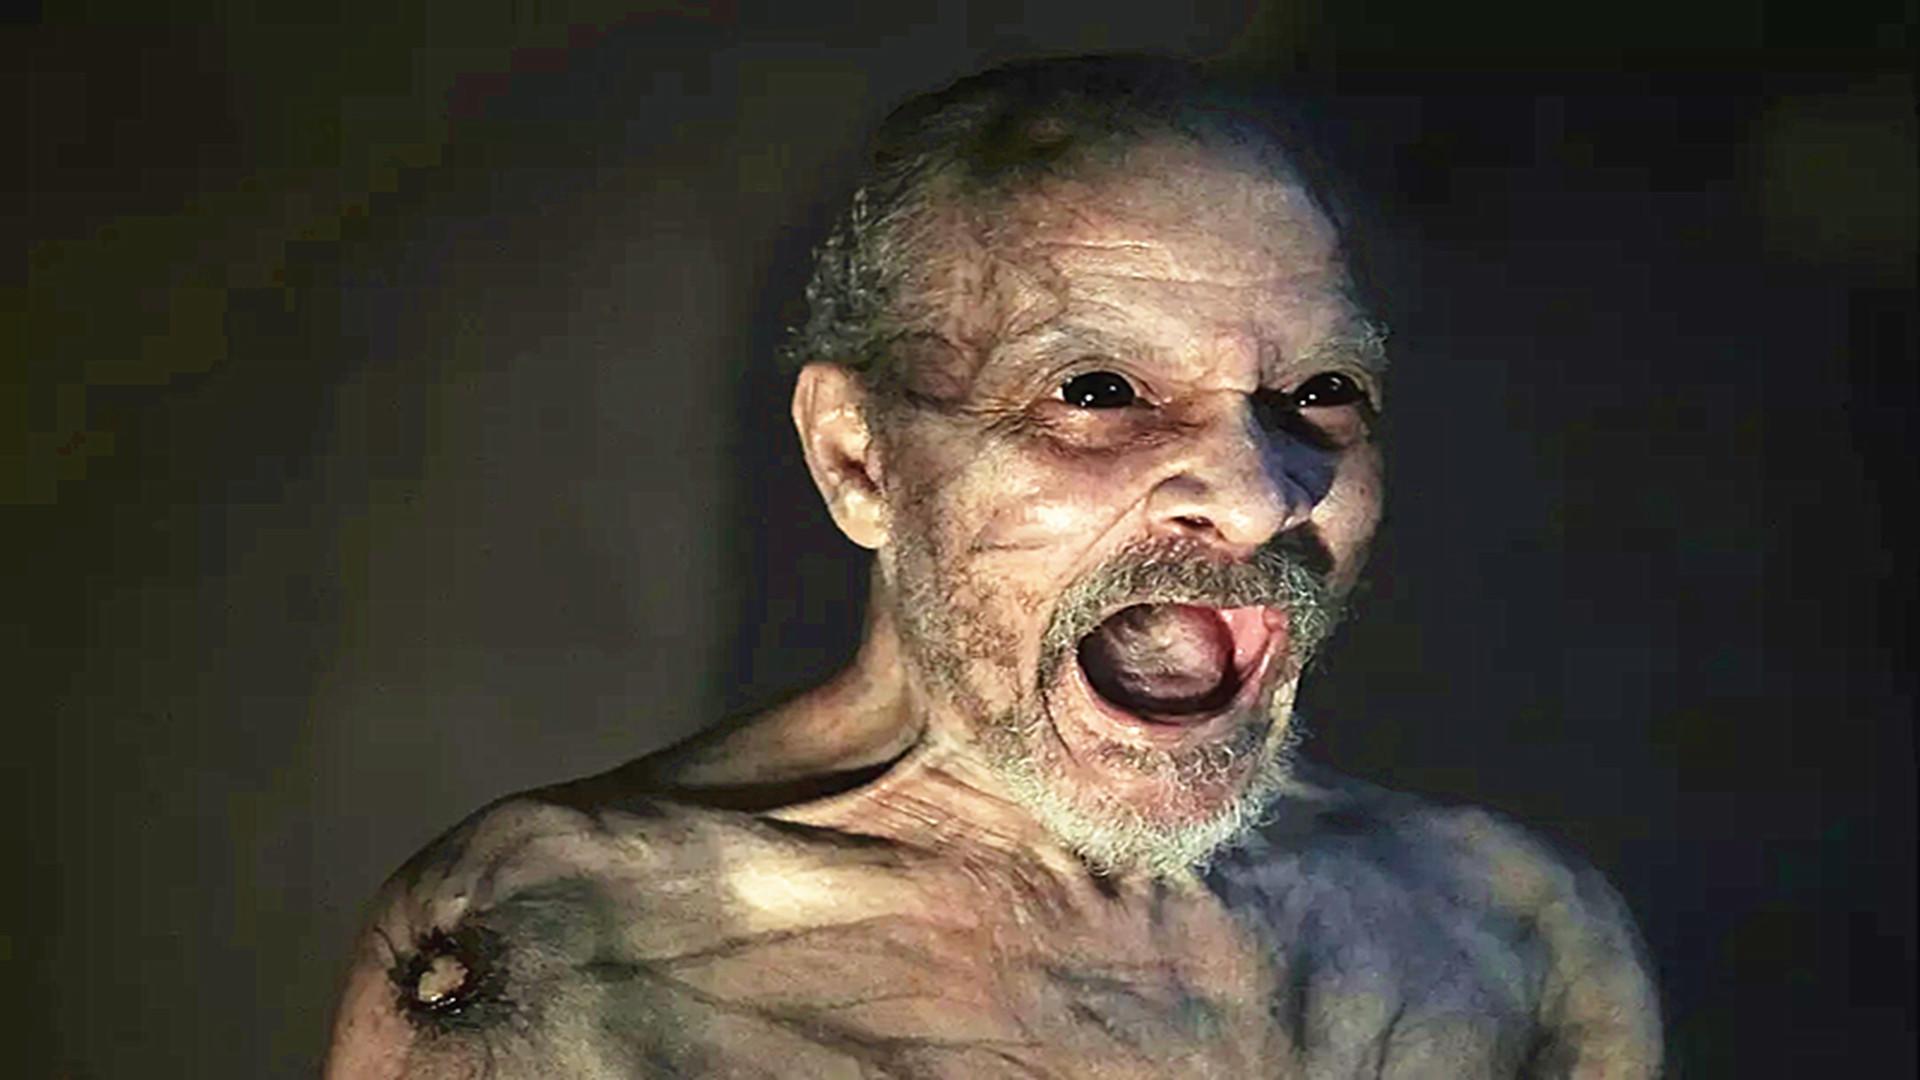 #经典看电影#致命病毒席卷全球人类几乎灭绝,最后几个幸存者开始自相残杀!